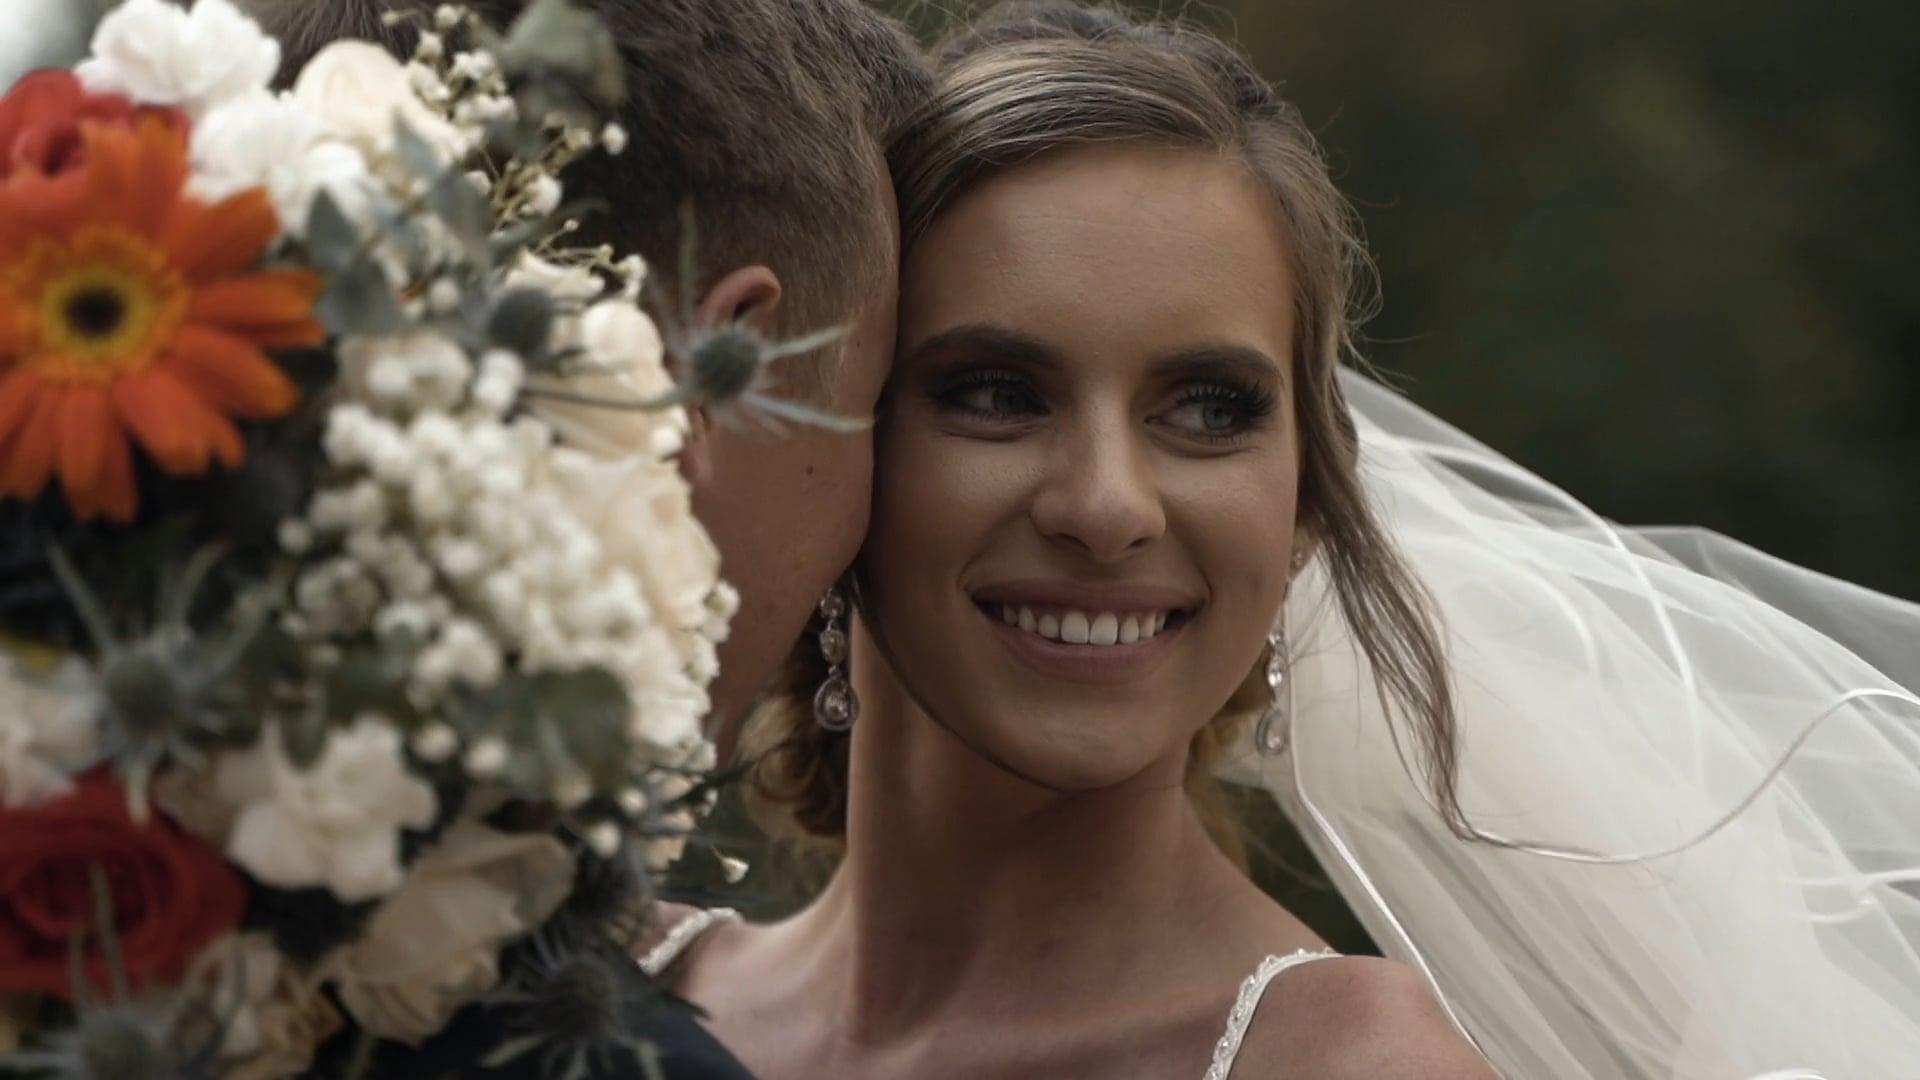 Lee Wedding | August 24, 2019